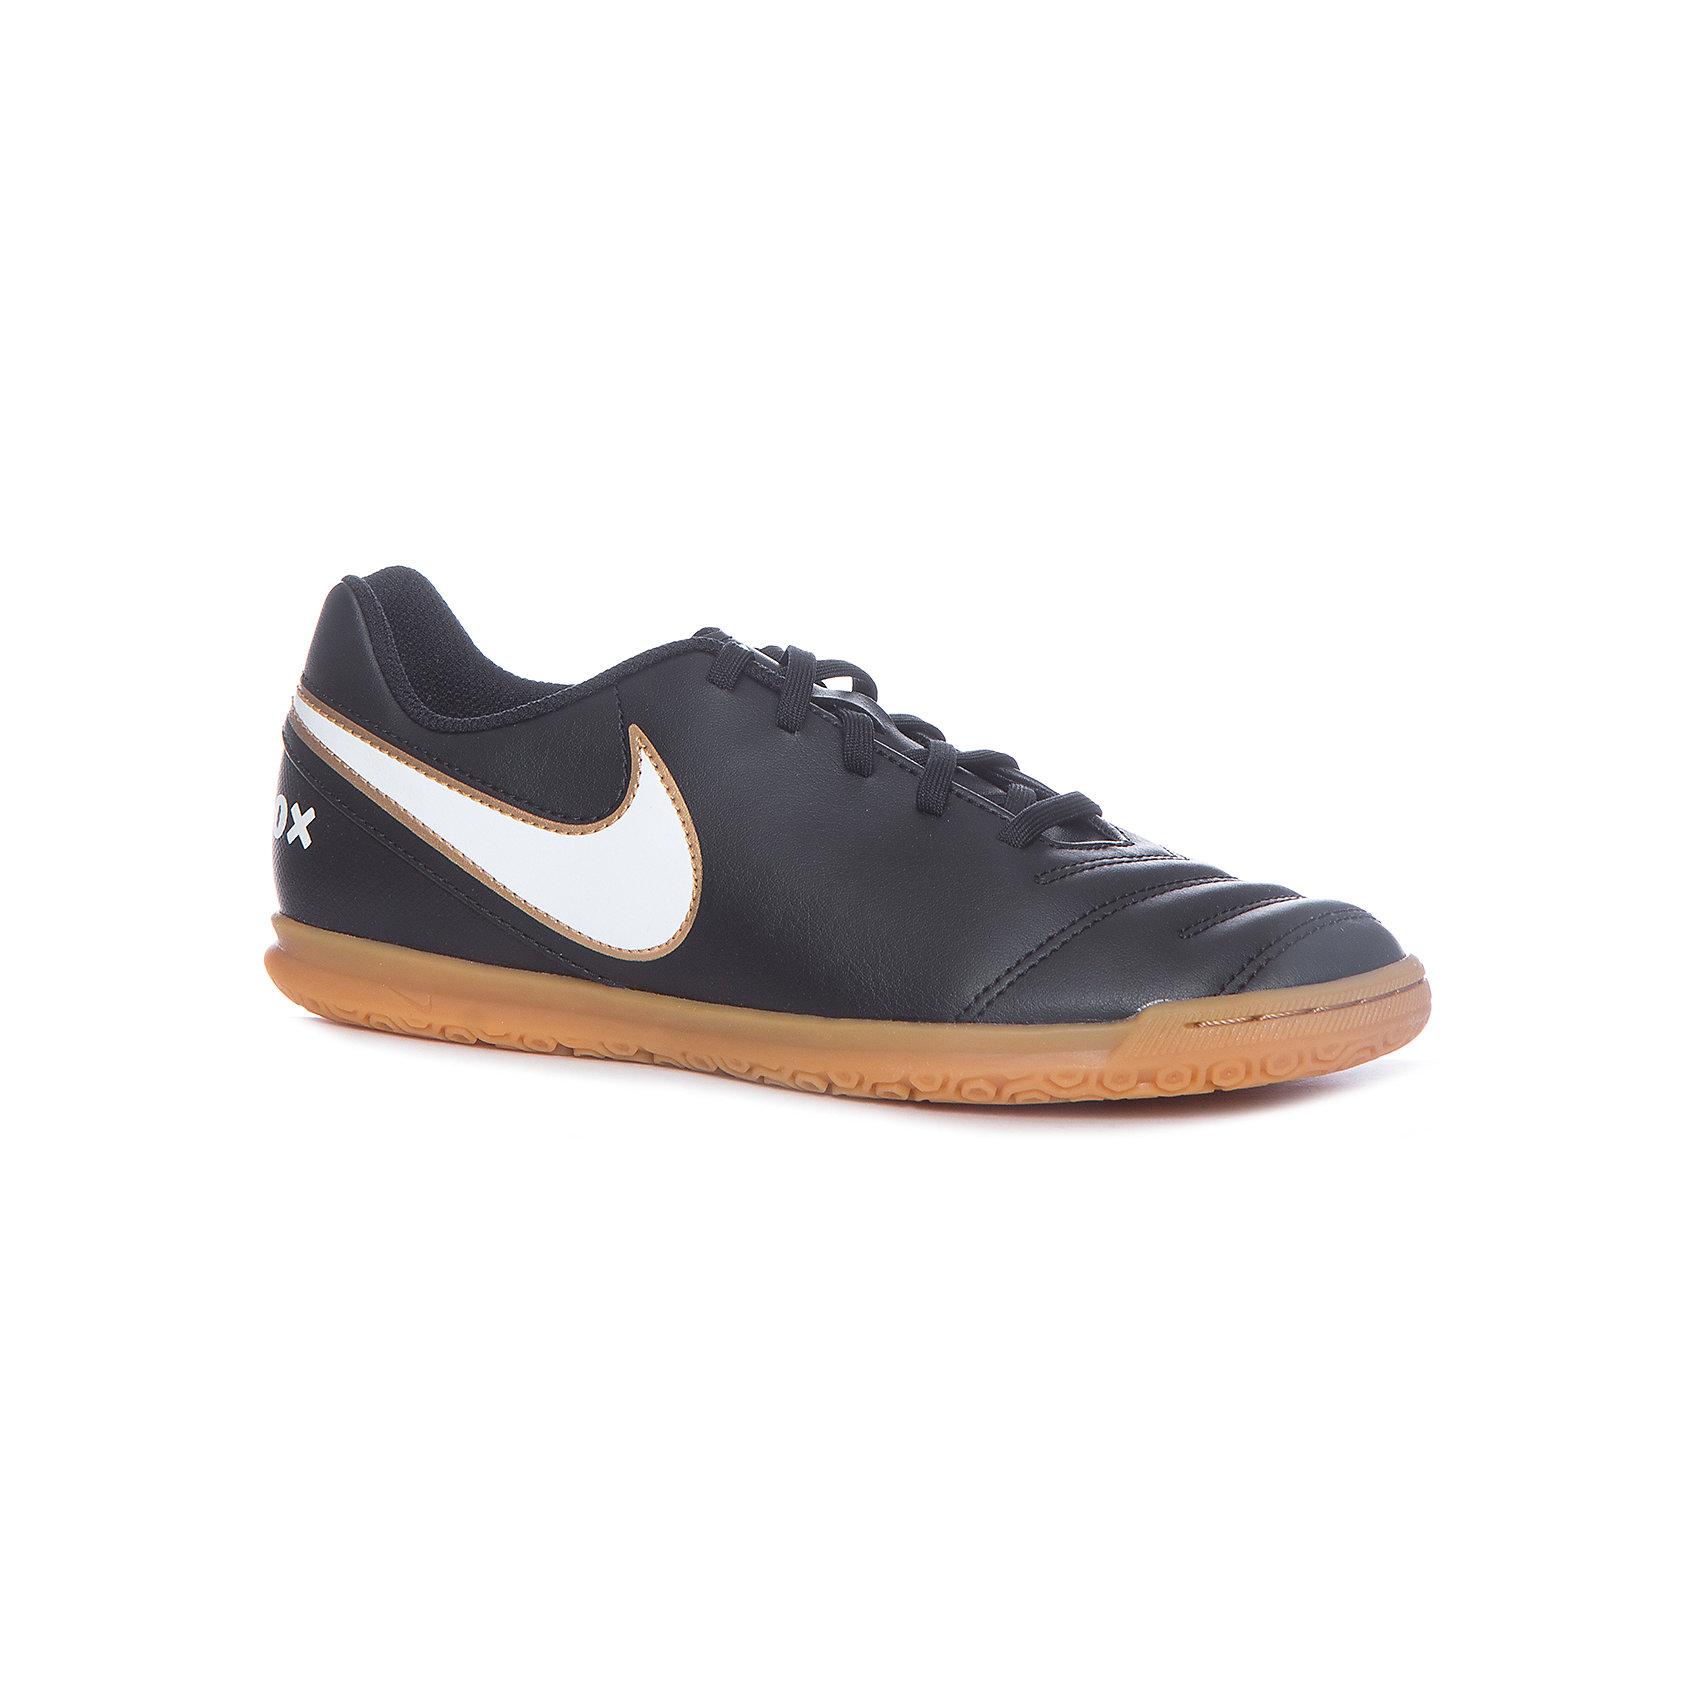 Кеды Nike JR Tiempo Rio IIIКеды<br>Характеристики товара:<br><br>• цвет: черный<br>• спортивный стиль<br>• внешний материал обуви: искусственная кожа<br>• внутренний материал: текстиль<br>• стелька: текстиль, ЭВА<br>• подошва: резина<br>• декорированы логотипом<br>• вставка в подошве для мягкой амортизации<br>• тип застежки: шнуровка<br>• сезон: весна, лето<br>• температурный режим: от +10°С до +20°С<br>• устойчивая подошва<br>• защищенный мыс и пятка<br>• износостойкий материал<br>• коллекция: весна-лето 2017<br>• страна бренда: США<br>• страна изготовитель: Индонезия<br><br>Продукция бренда NIKE известна высоким качеством, уникальным узнаваемым дизайном и проработанными деталями, которые создают удобство при занятиях спортом и долгой ходьбе. Натуральная кожа в качестве внутреннего материала помогает этой модели обеспечить ребенку комфорт и предотвратить натирание.<br><br>Уход за такой обувью прост, она легко чистится и быстро сушится. Надевается элементарно благодаря удобной шнуровке.<br><br>Обувь качественно проработана, она долго служит, удобно сидит, отлично защищает детскую ногу от повреждений. Стильно выглядит и хорошо смотрится с одеждой разных цветов и стилей.<br><br>Кеды NIKE (Найк) можно купить в нашем интернет-магазине.<br><br>Ширина мм: 250<br>Глубина мм: 150<br>Высота мм: 150<br>Вес г: 250<br>Цвет: черный<br>Возраст от месяцев: 132<br>Возраст до месяцев: 144<br>Пол: Мужской<br>Возраст: Детский<br>Размер: 34.5,33.5,35.5,36.5,37,32,34,31.5<br>SKU: 6758806